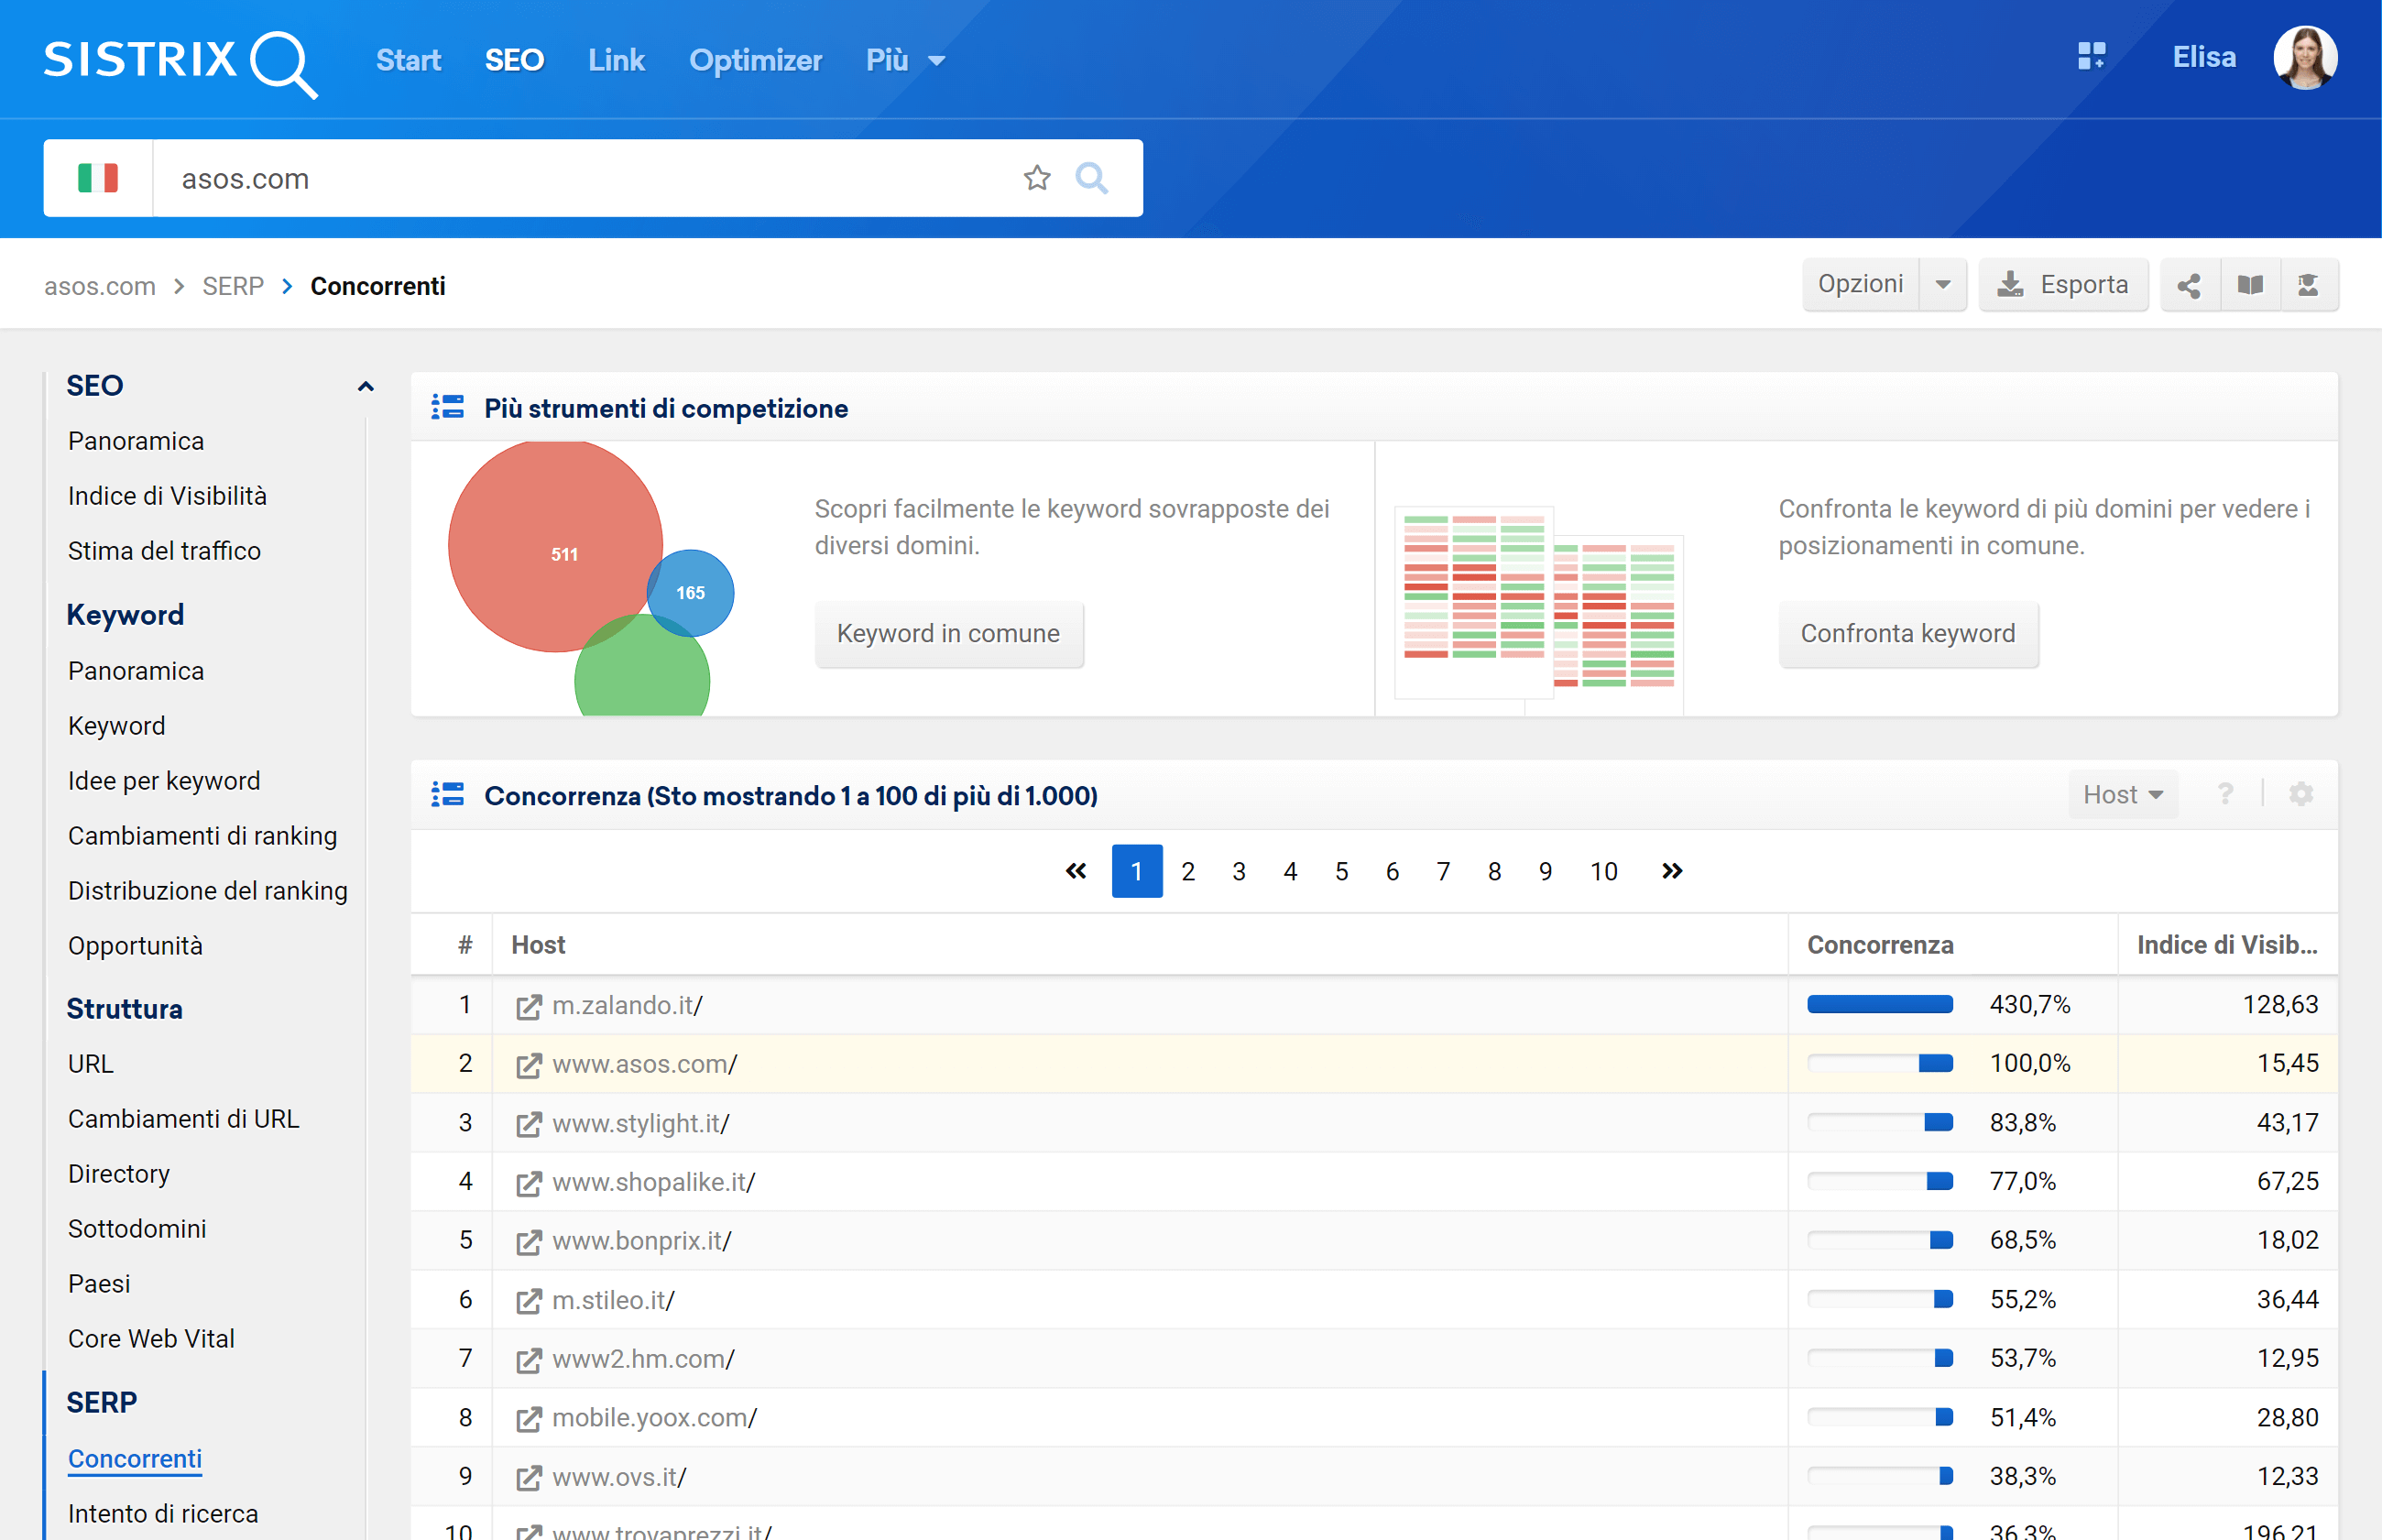 Sezione Concorrenti nel Toolbox SISTRIX